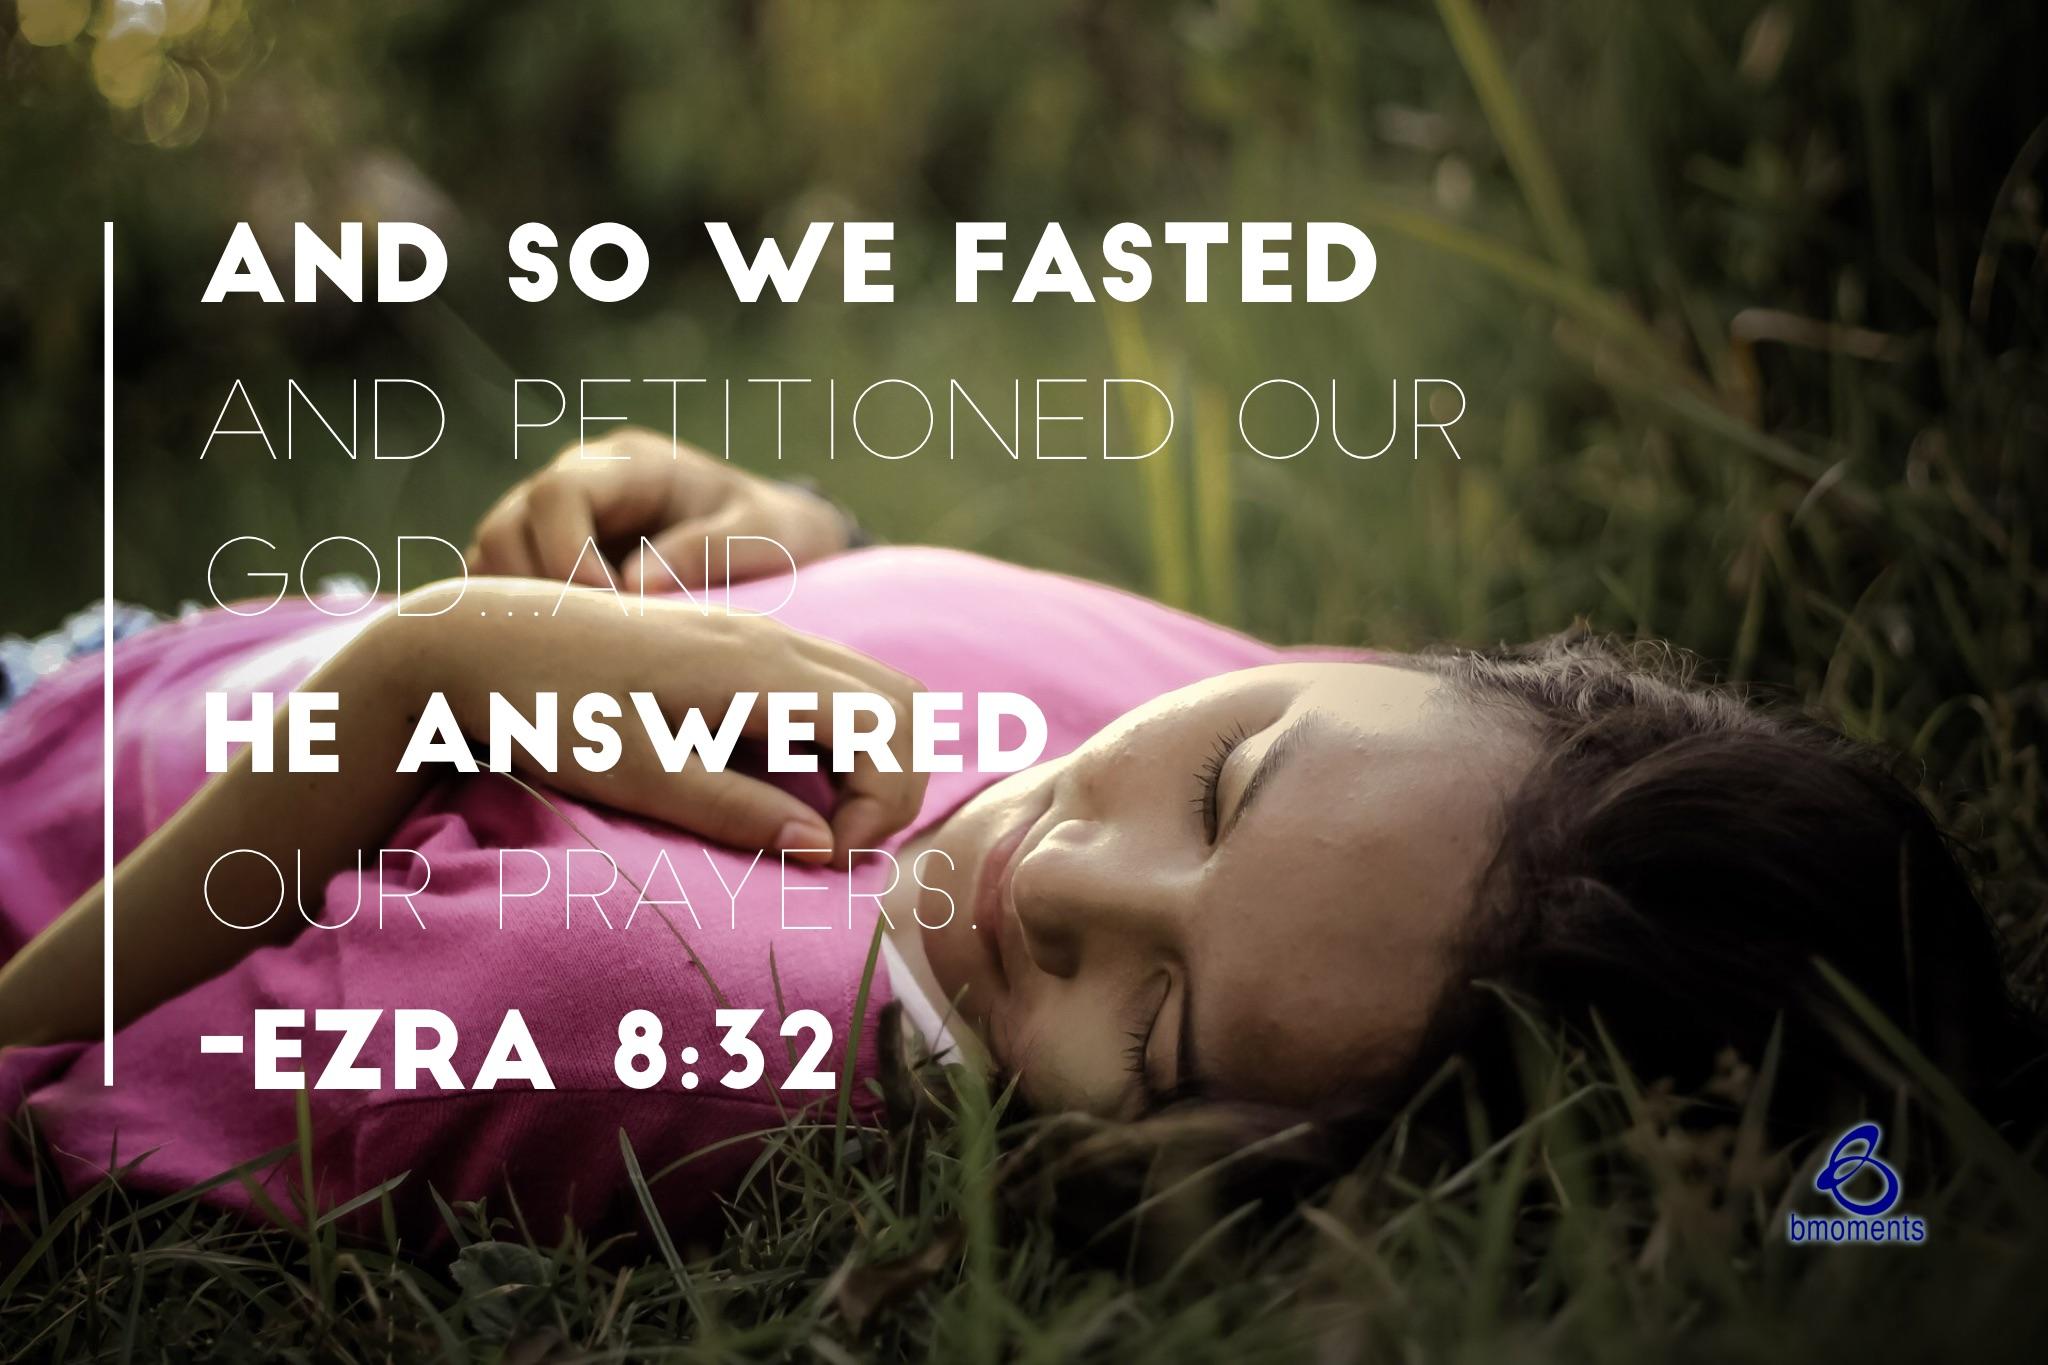 fasting, bmoment, bmoments